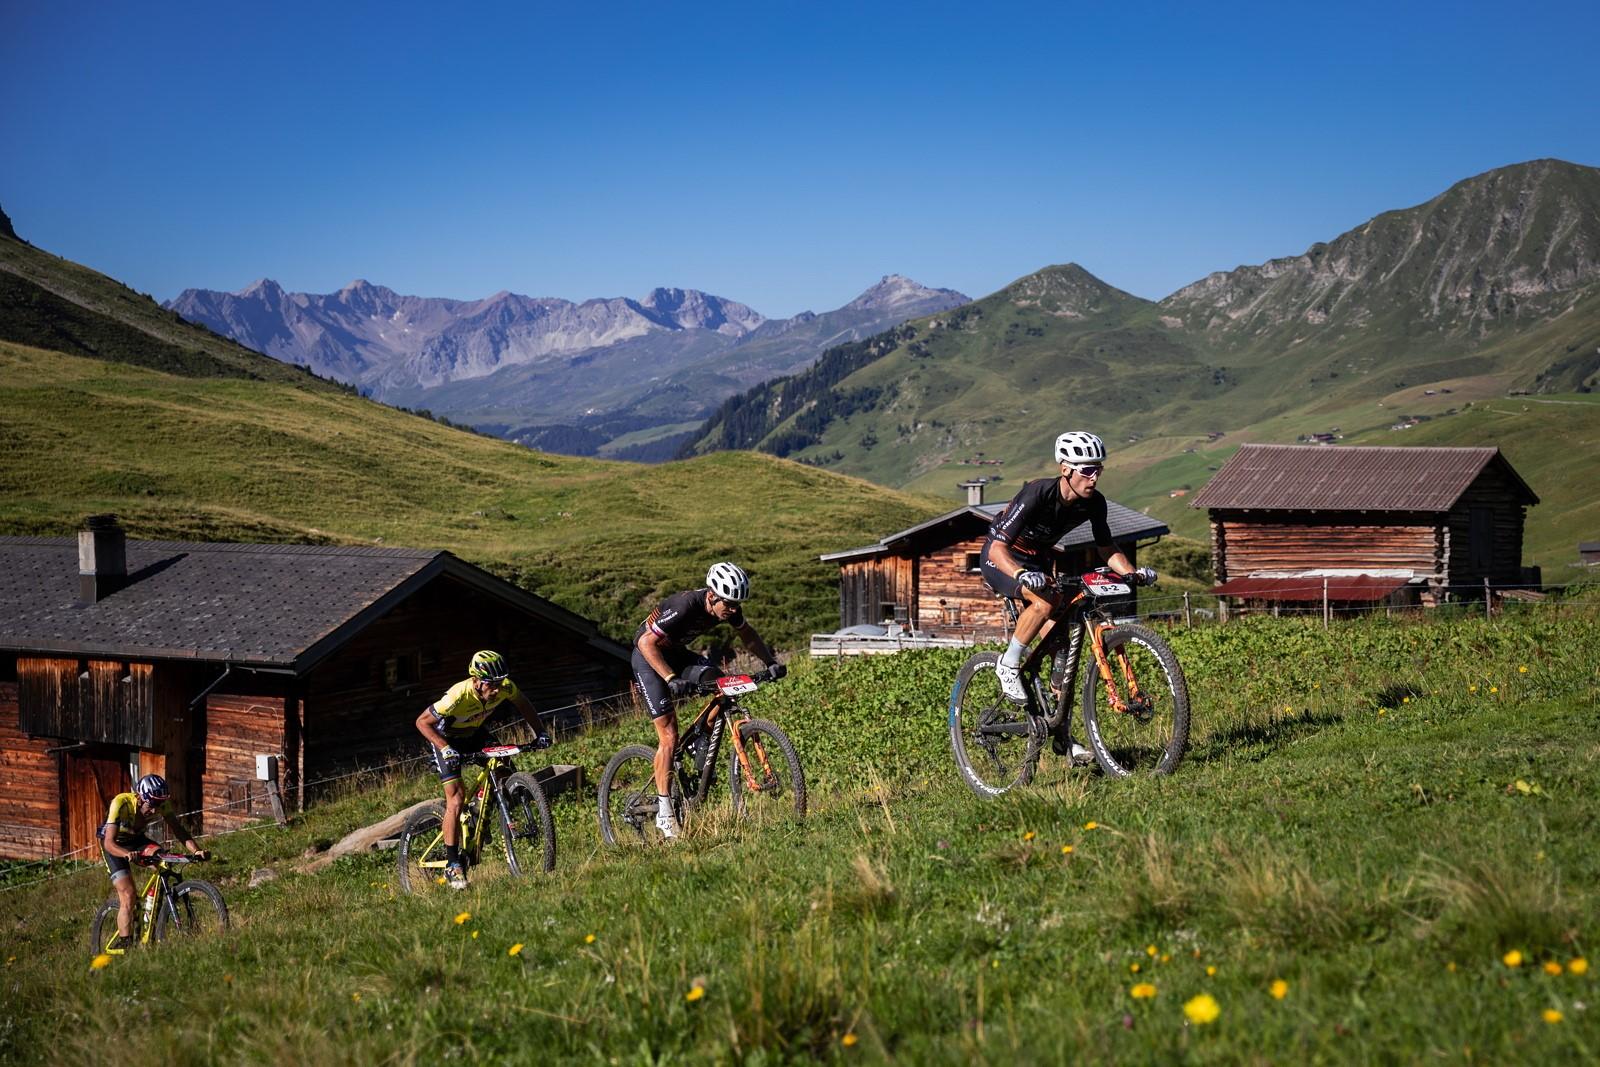 Martin Stošek a Kristian Hynek při bikovém závodě Swiss Epic 2020. Foto: Michal Červený